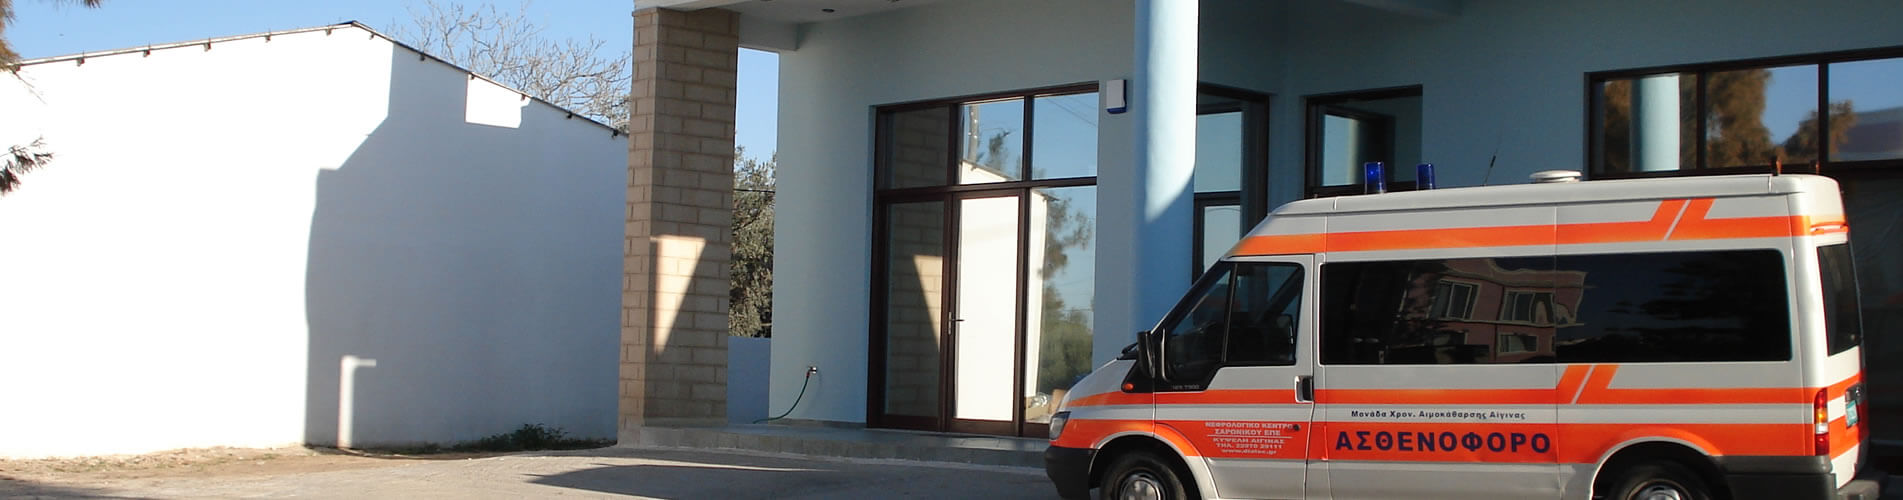 Νεφρολογικό Κέντρο Σαρωνικού - Εξωτερικά 1